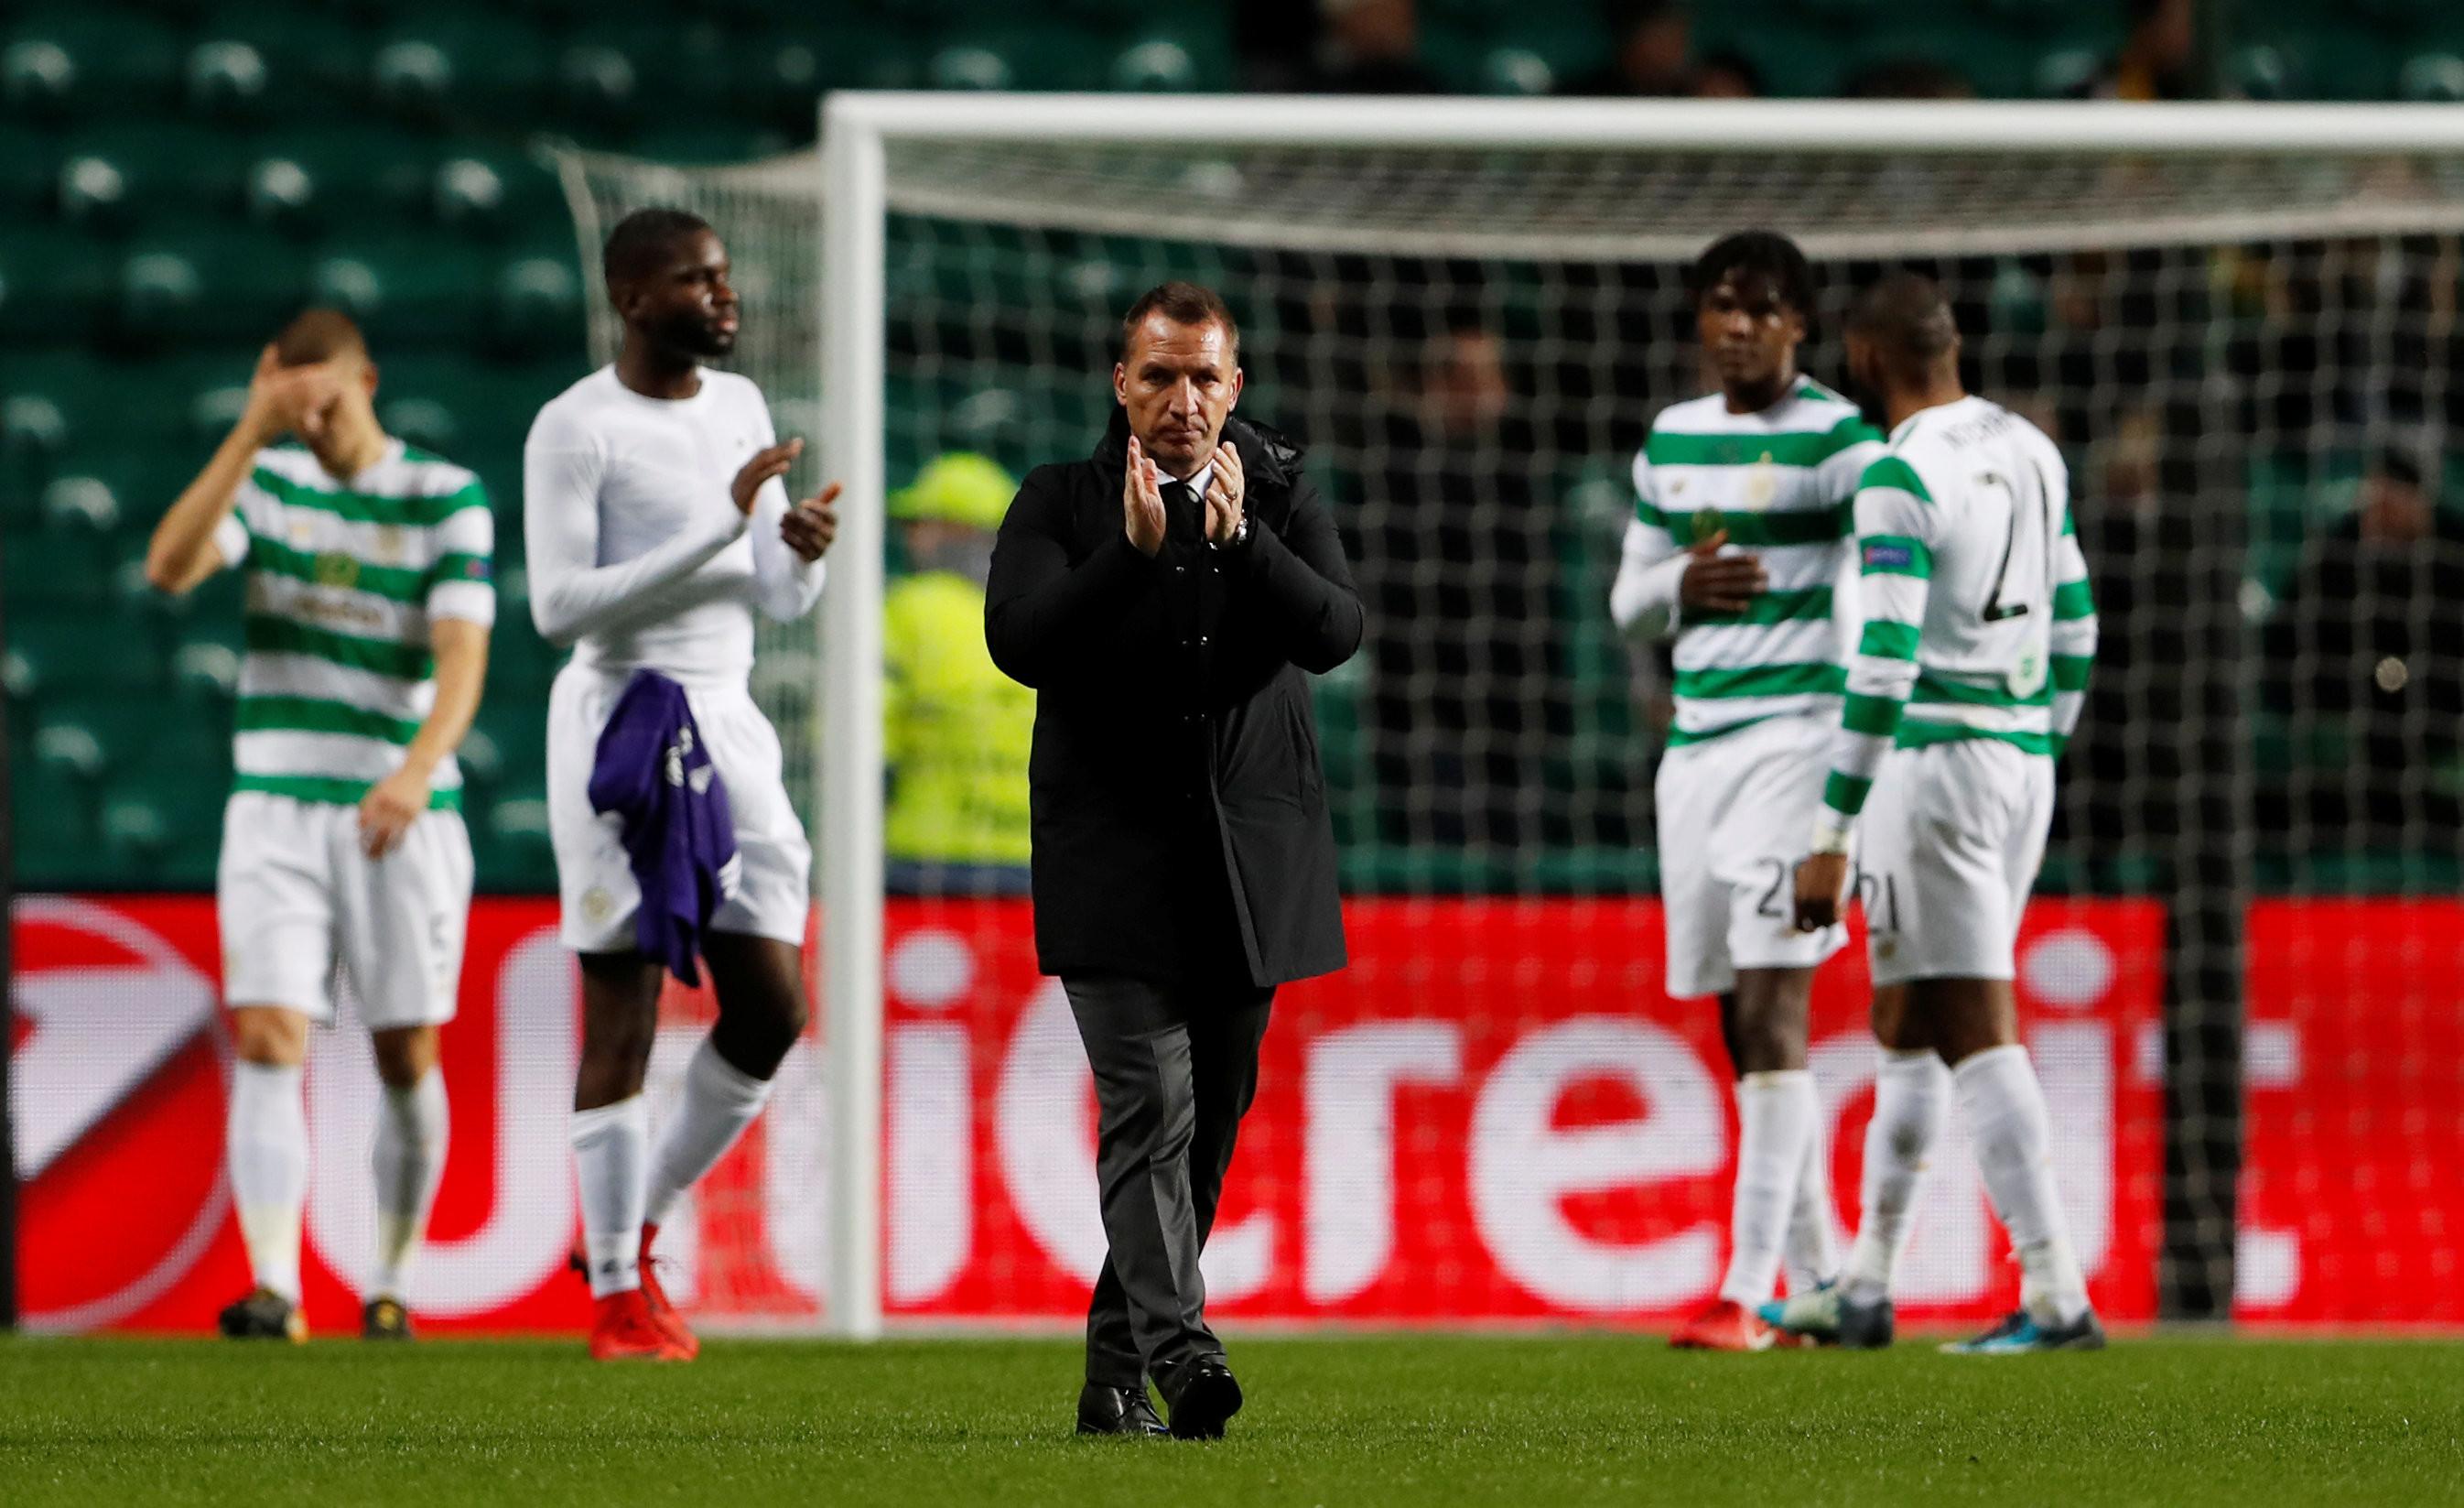 """Экс-тренер """"Ливерпуля"""" Брендан Роджерс с подопечными. Фото: © Reuters/Lee Smith"""